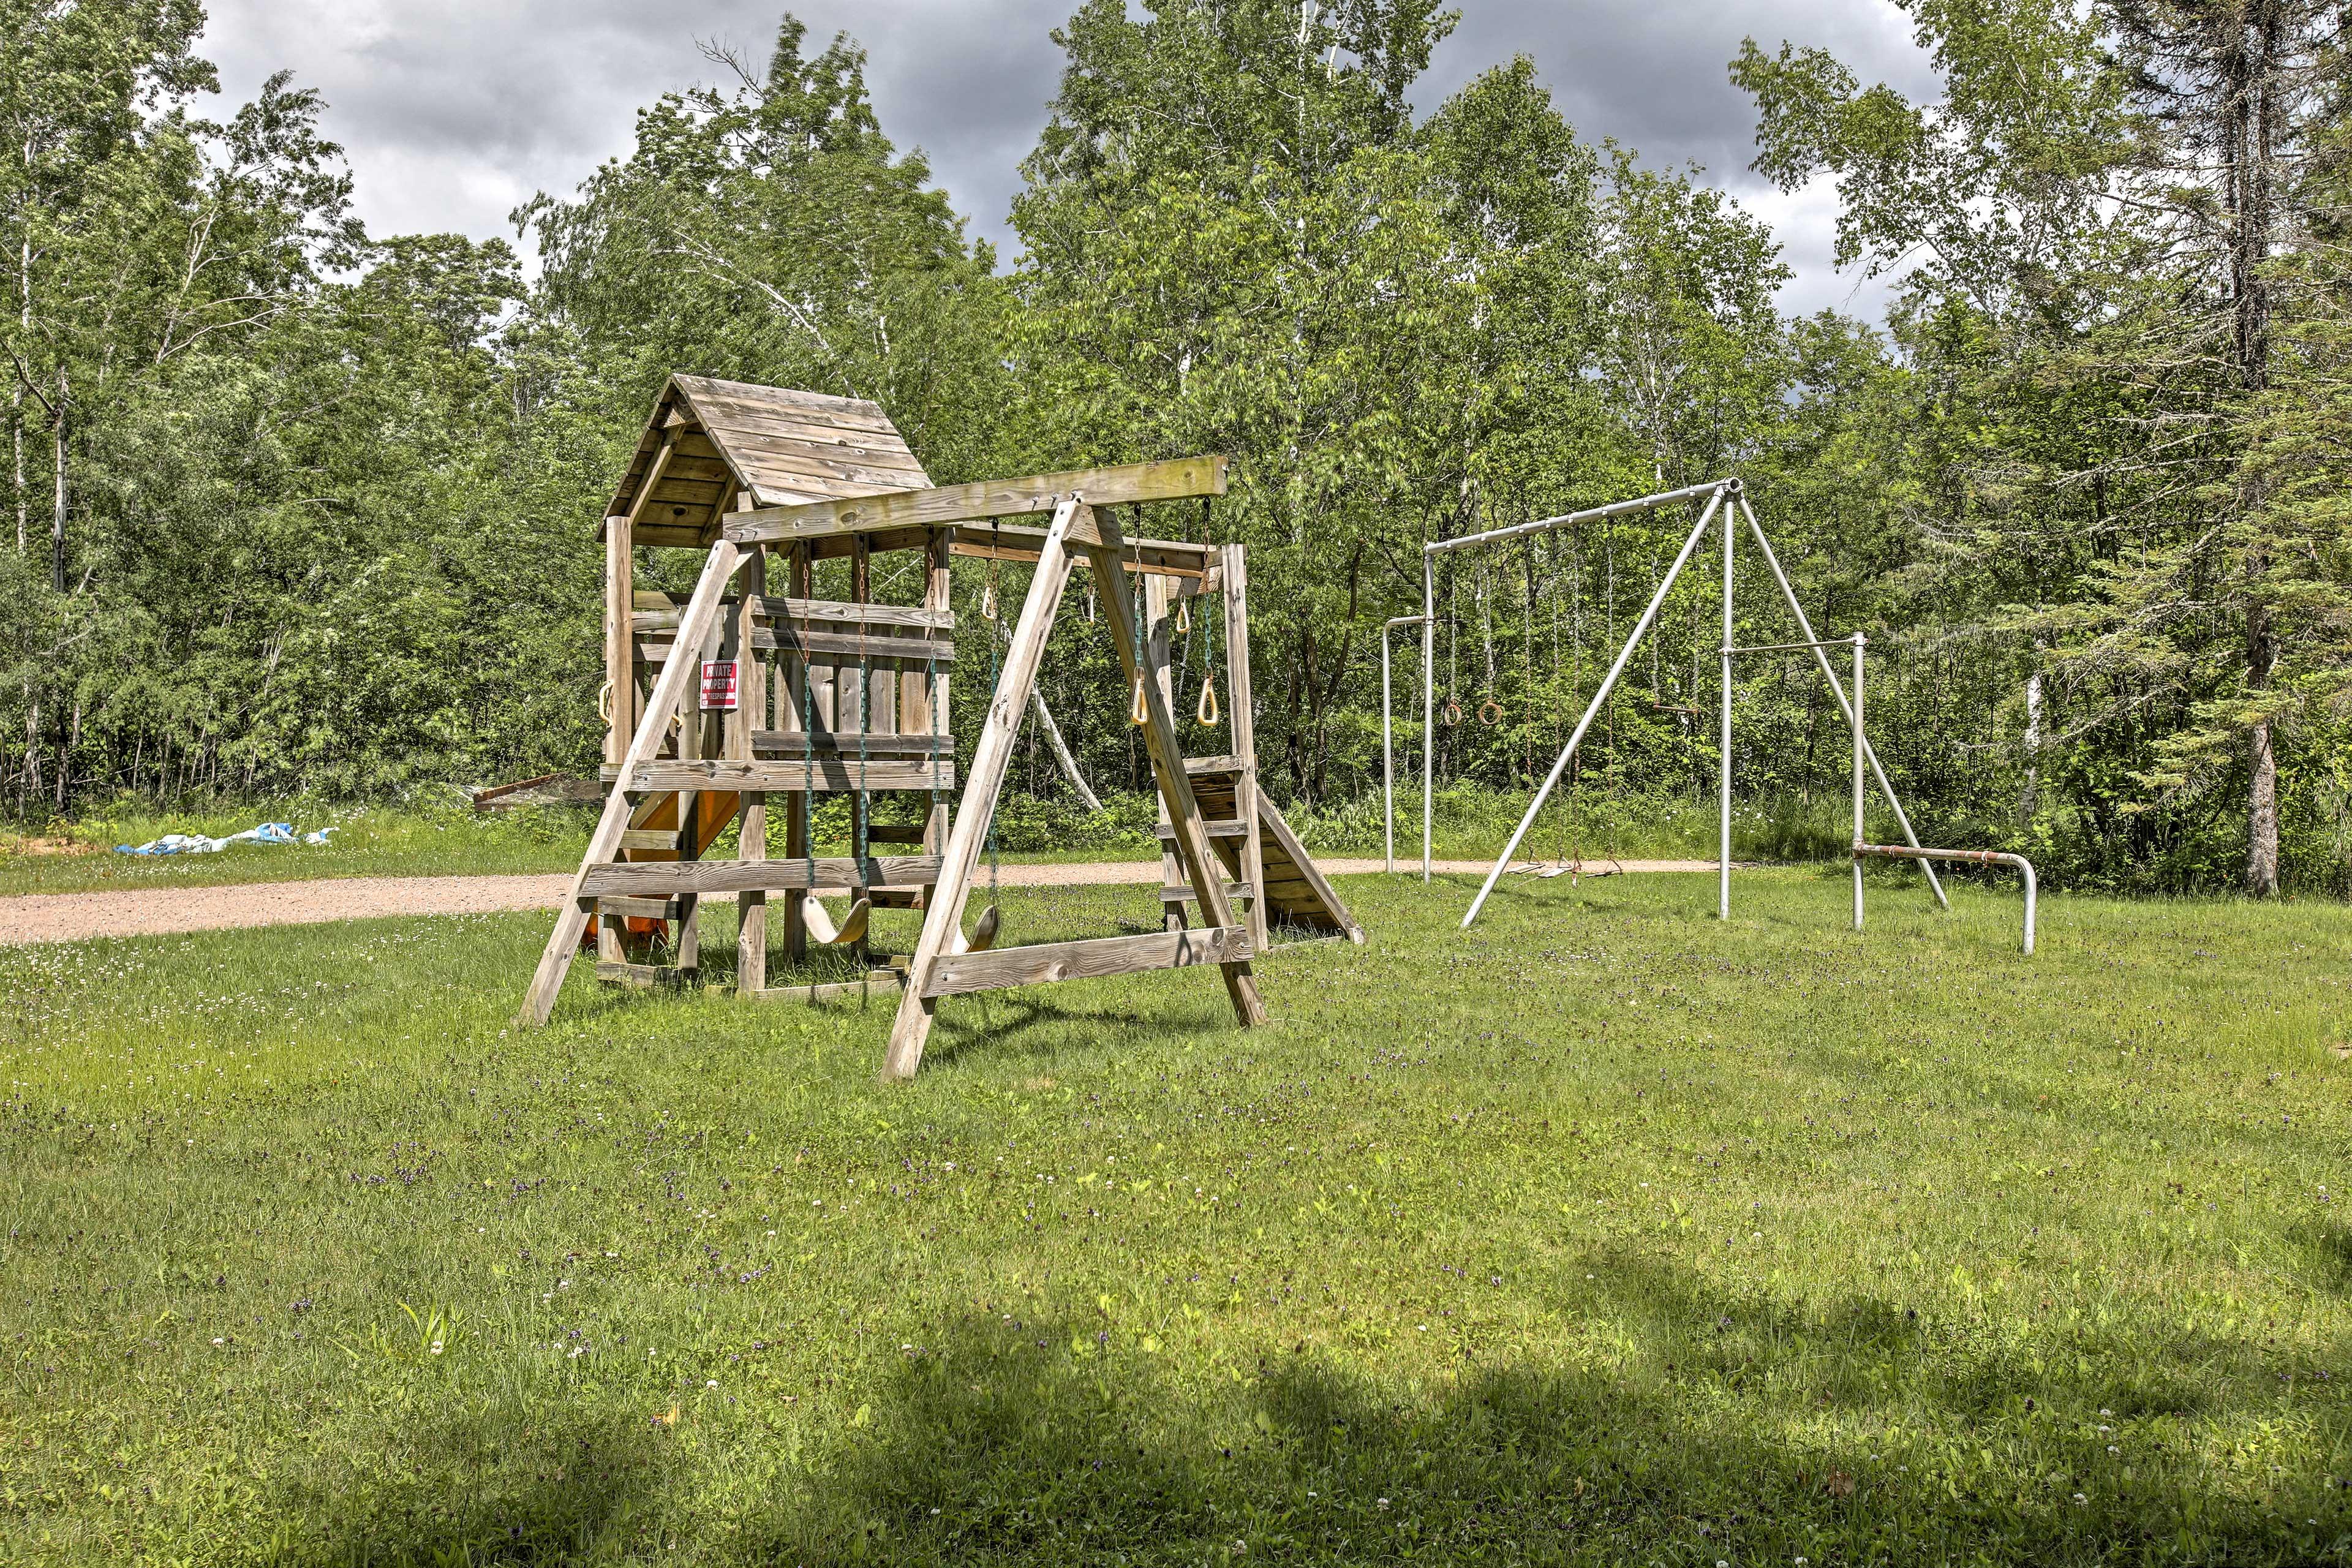 Resort Grounds | Playground